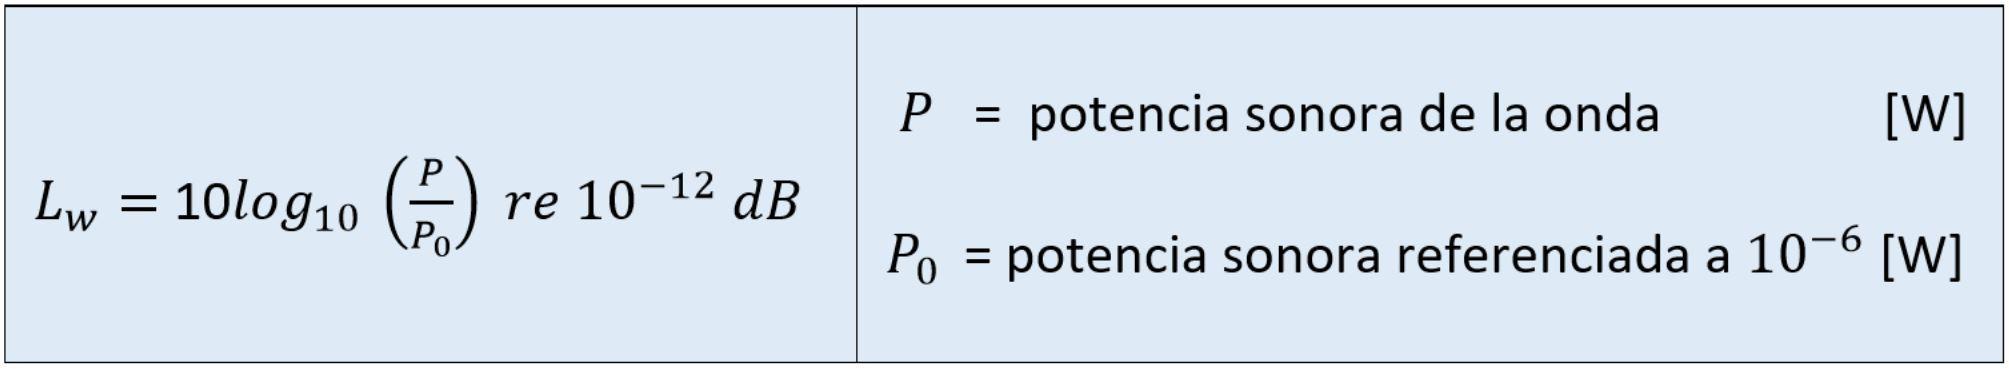 pottencia sonora - Diferencia entre presión y potencia sonora